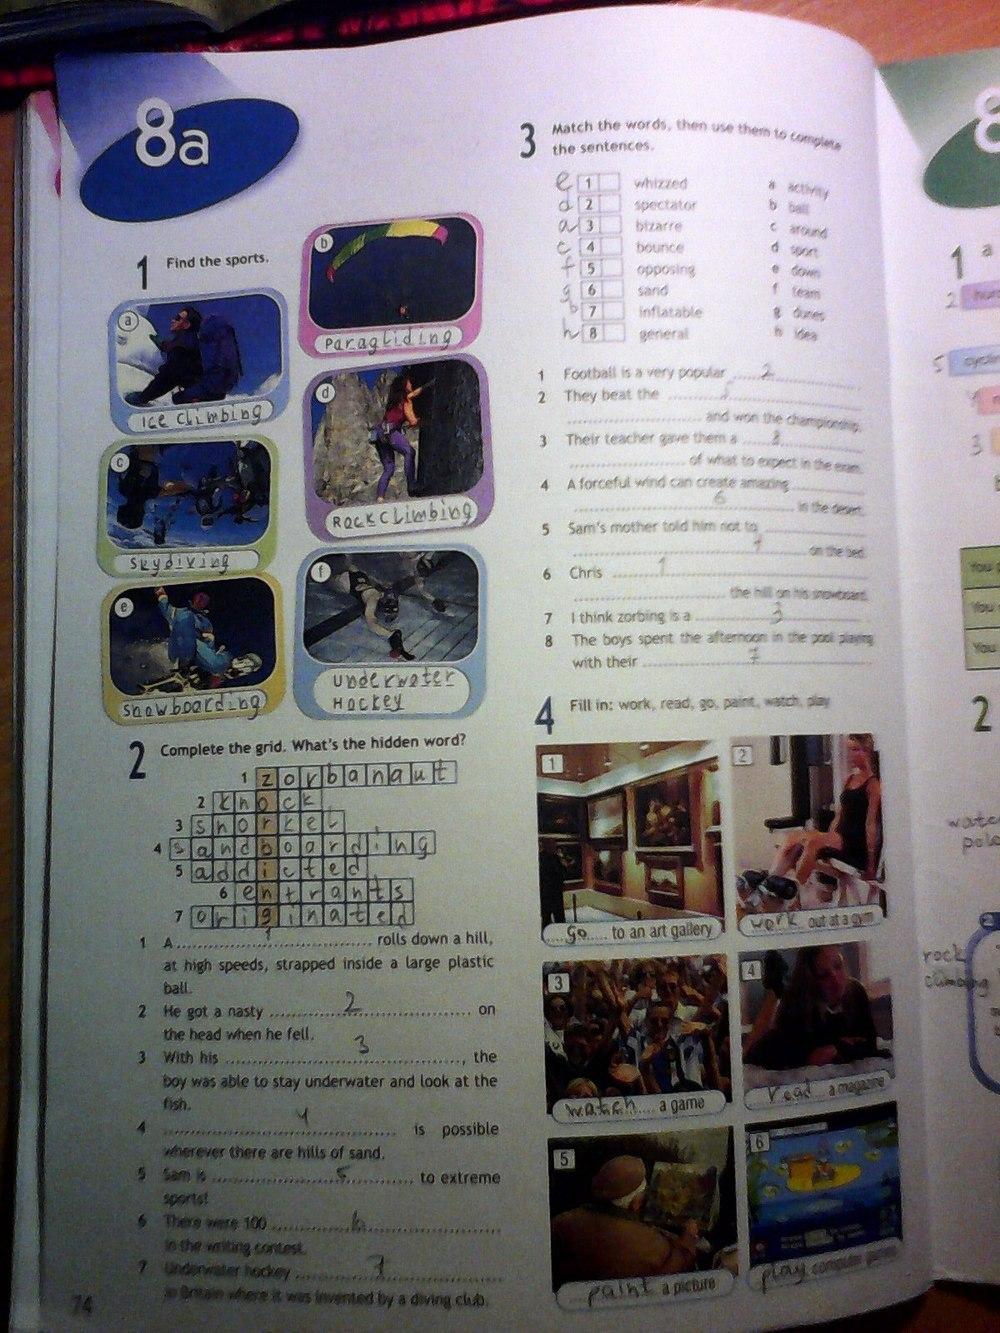 решебник по английскому 6 класс спортлайф рабочая тетрадь